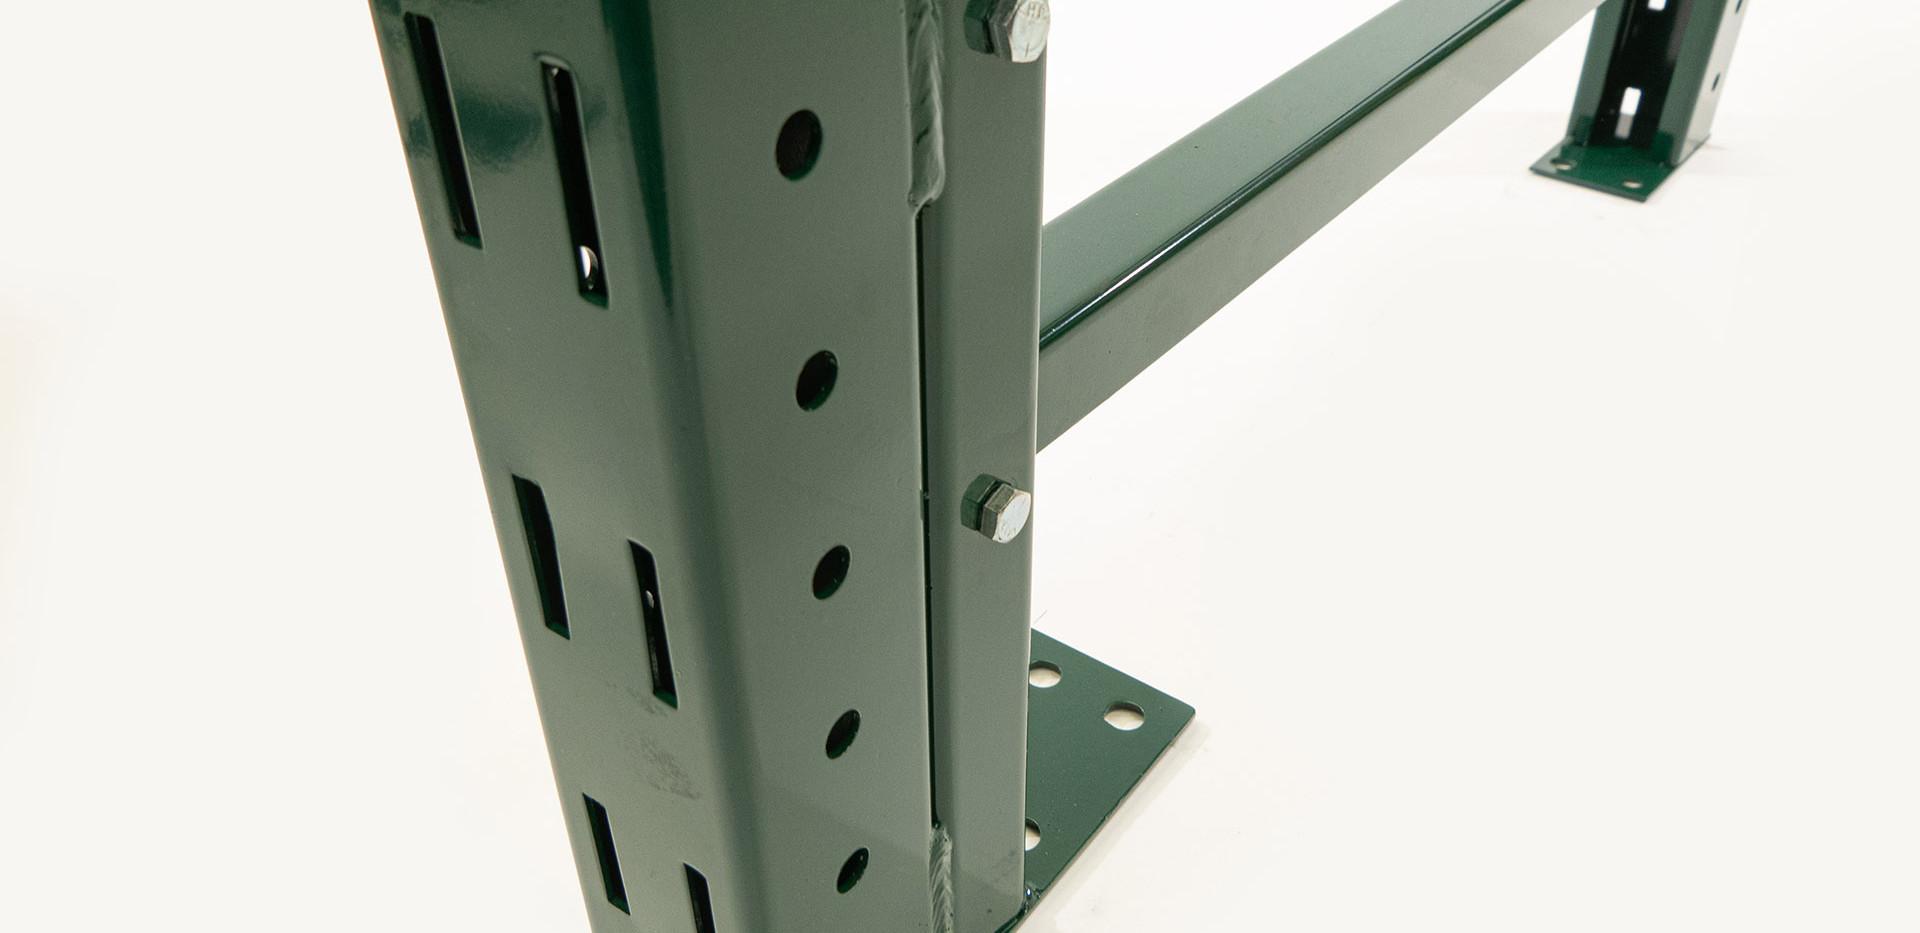 Frontline Pallet Rack Repair Kit